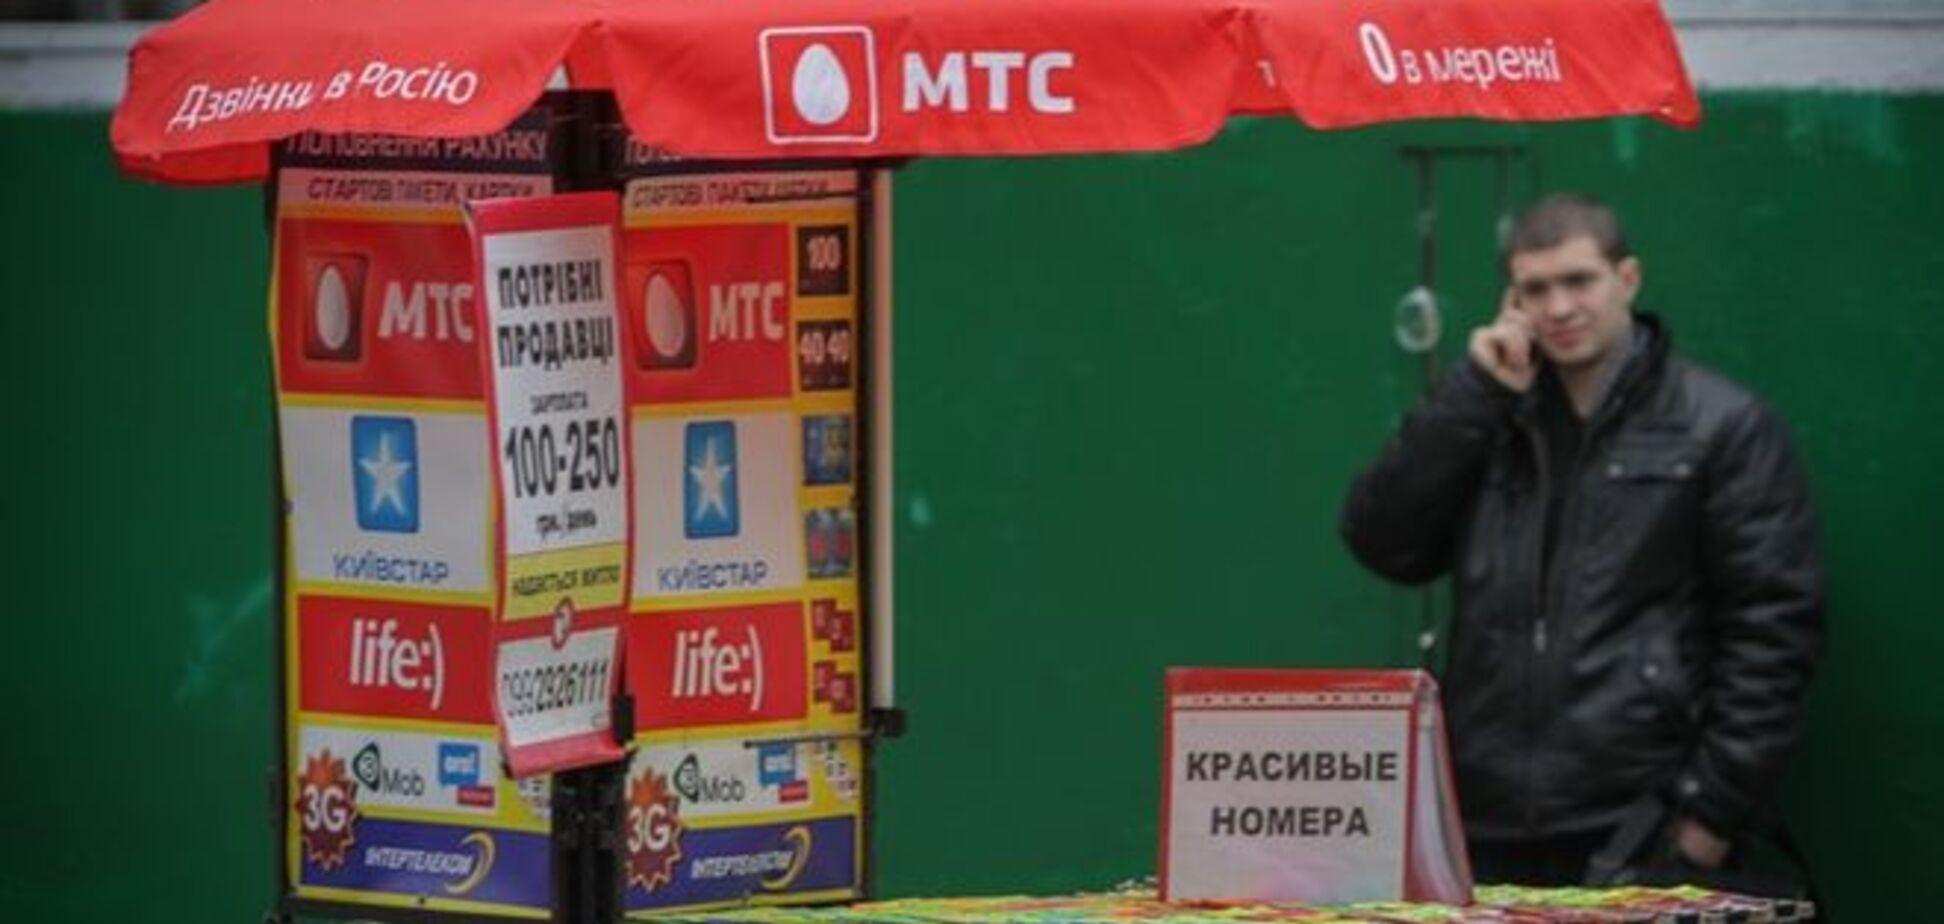 Українців зобов'яжуть розкрити свої особисті дані мобільним операторам